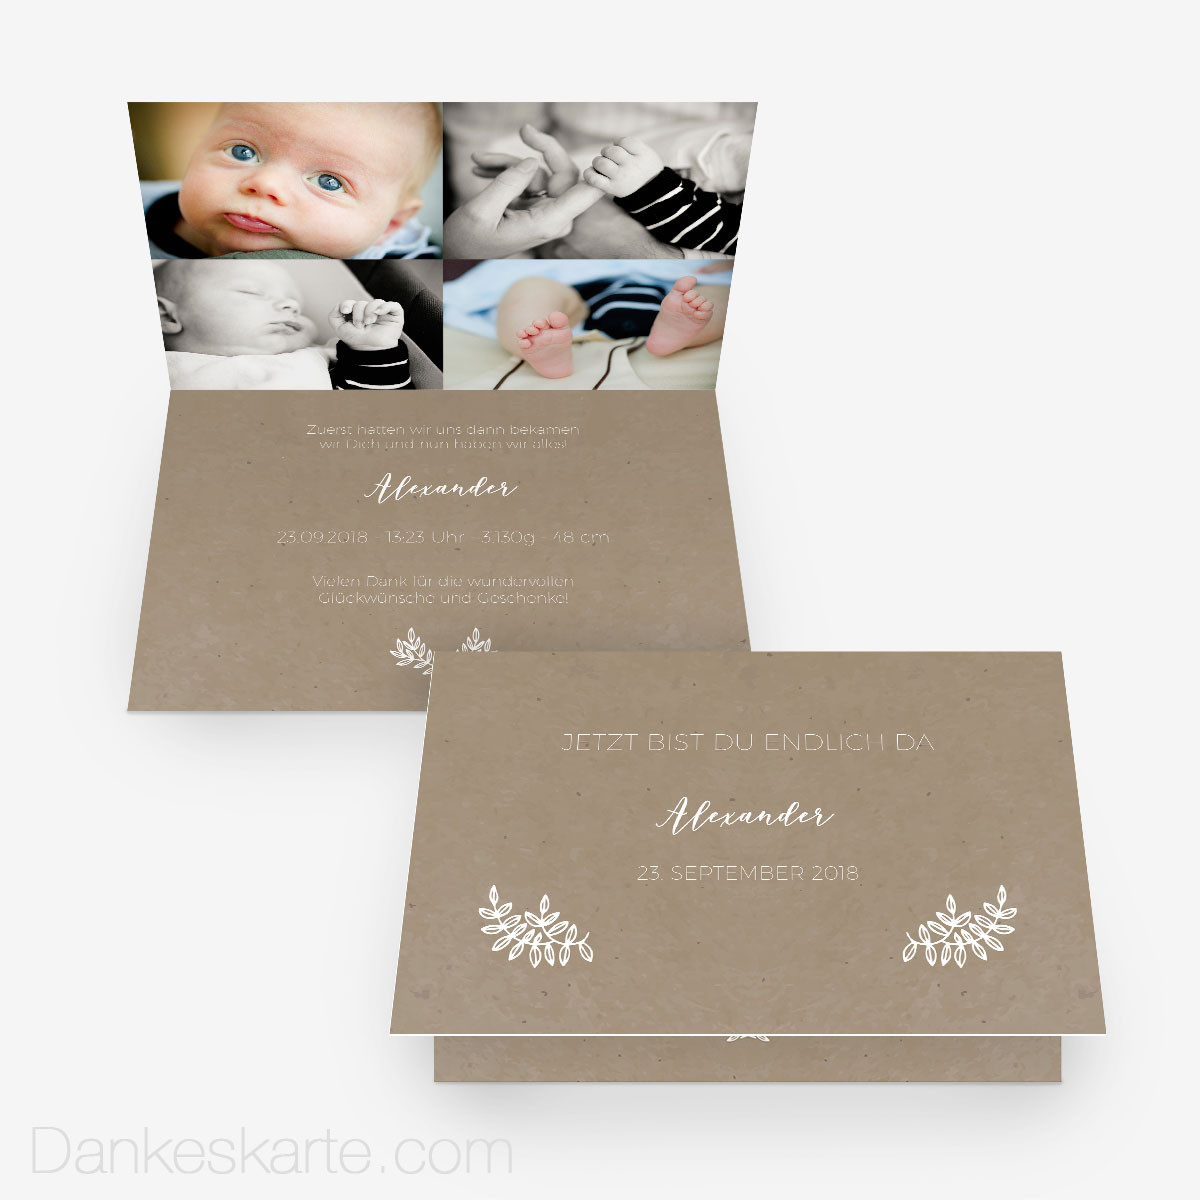 Babykarte kraftpapier eleganz 15 x 10 cm vertikalklappkarte - Vintage geburtskarten ...